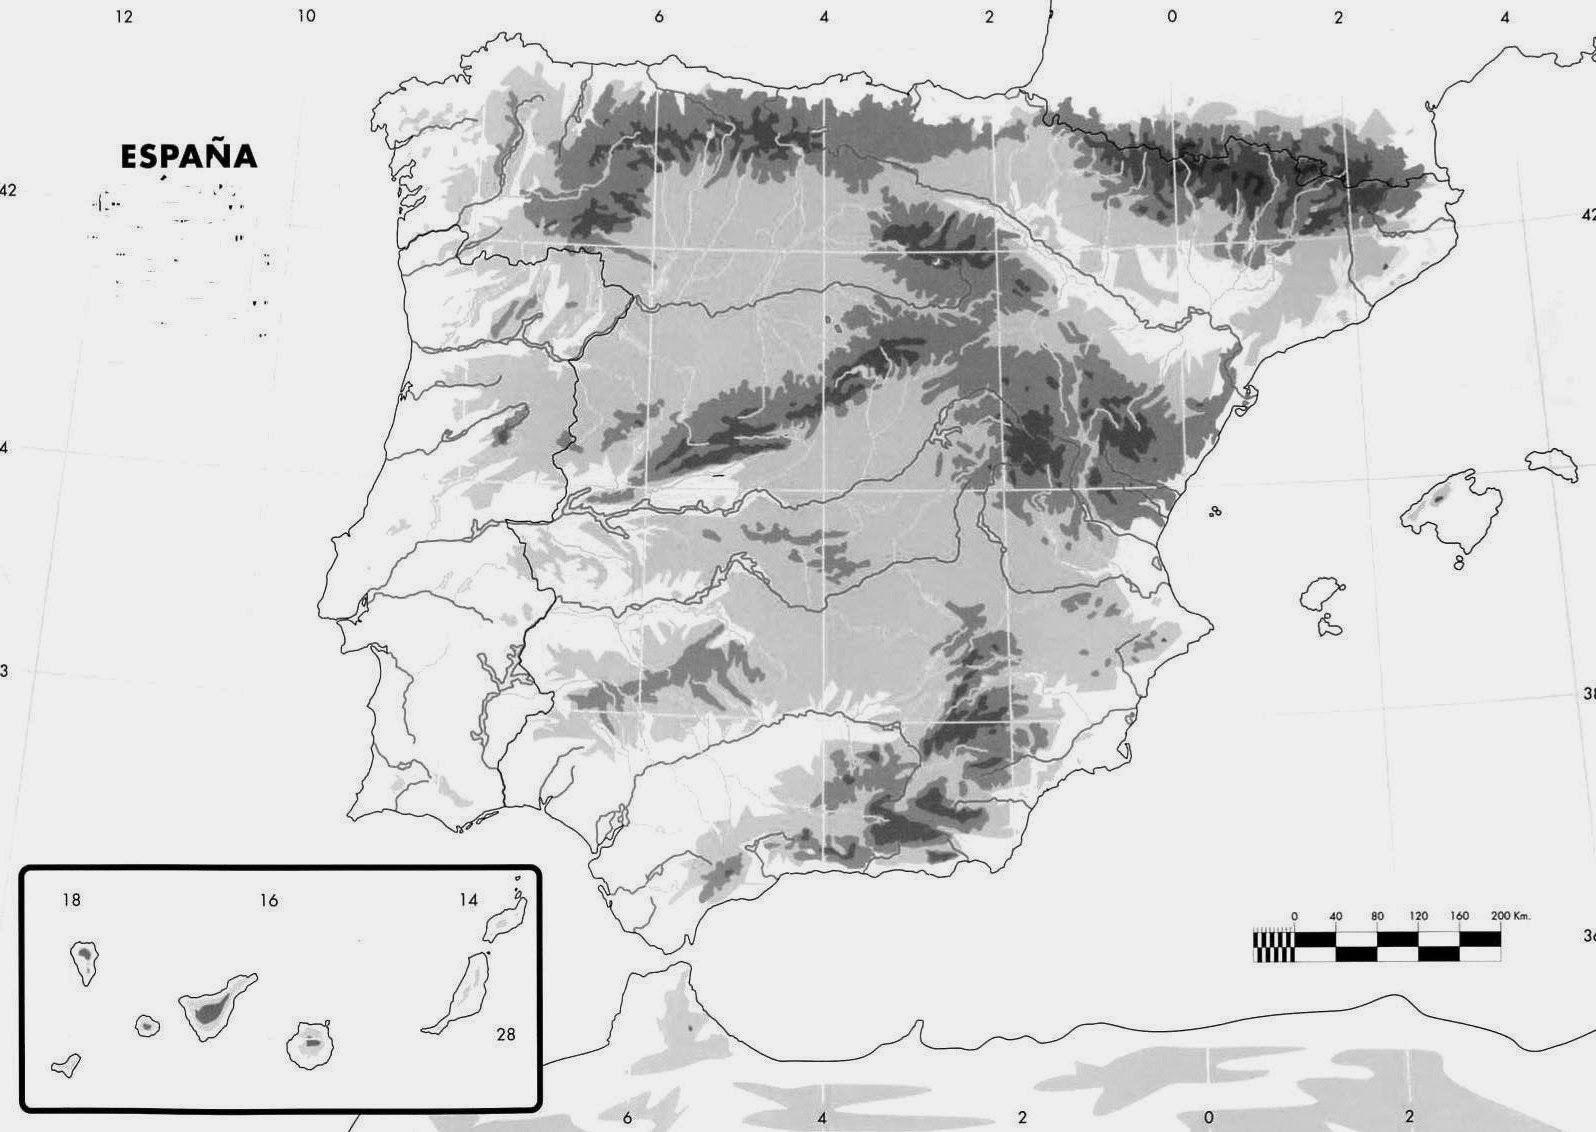 Profesor De Historia Geografía Y Arte El Relieve En La Península Ibérica Mapa Fisico De España Profesores De Historia Mapa Fisico